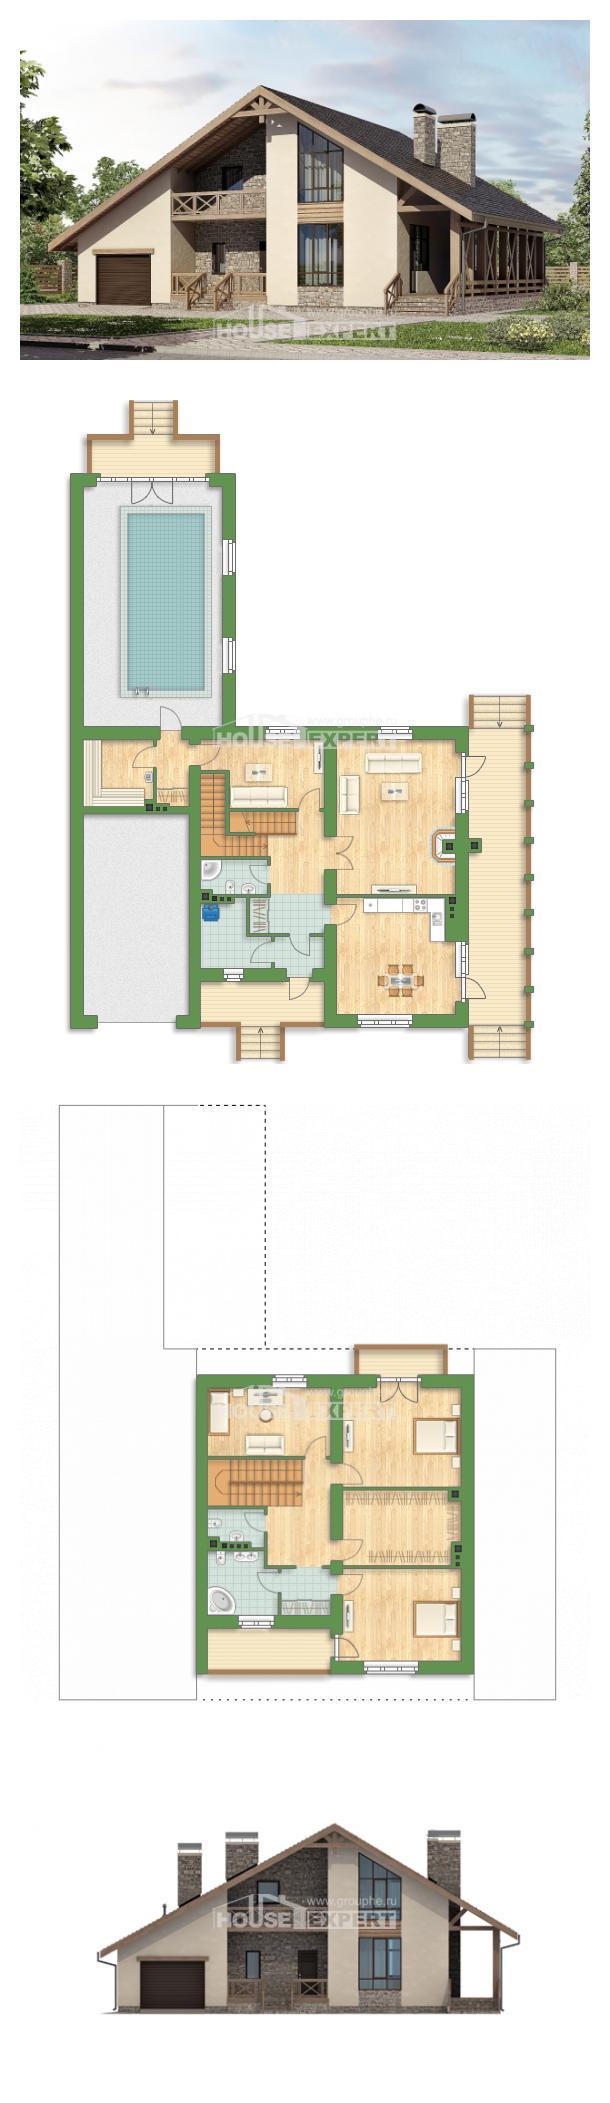 Plan 265-001-L | House Expert